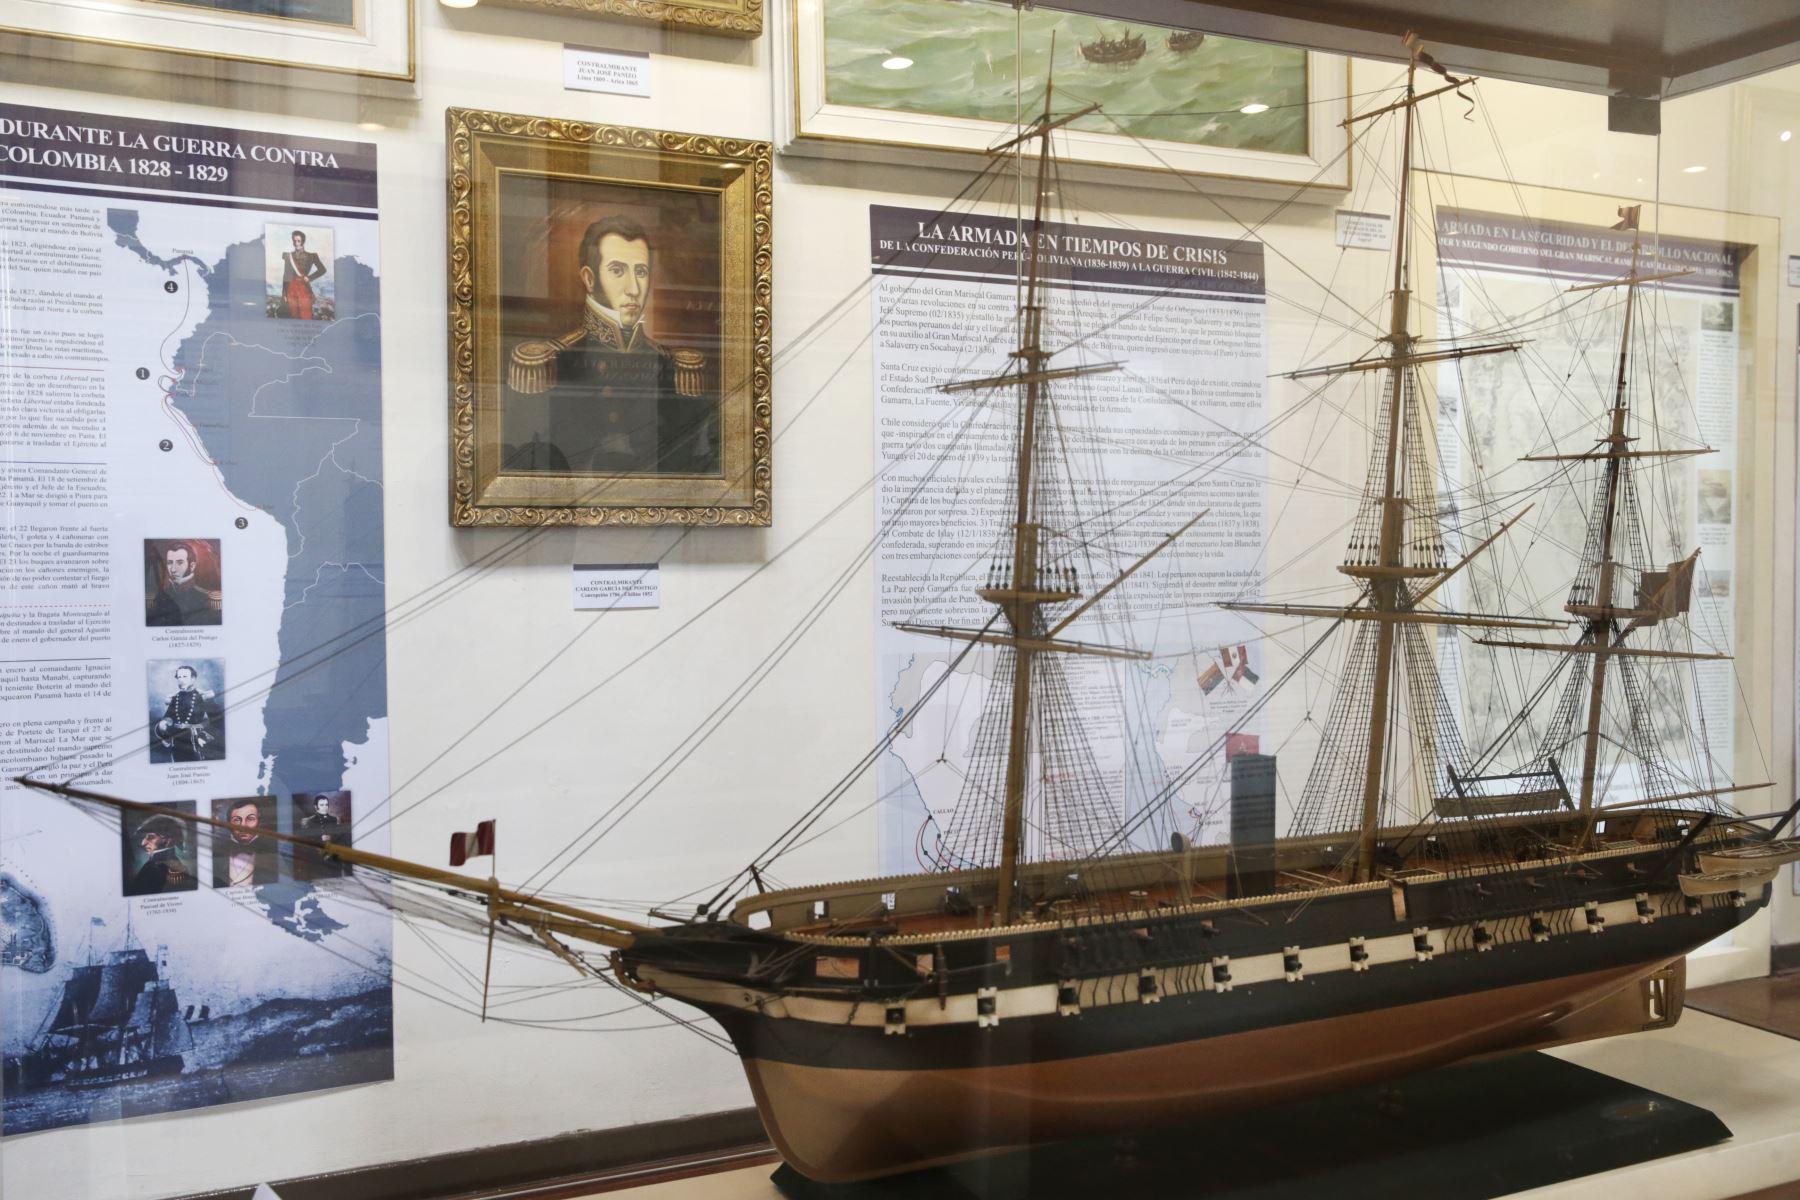 Museo Naval. Maqueta de la fragata Apurimac, de propulsión mixta (vela y vapor con hélice) construida en 1854. Foto: ANDINA/Melina Mejía